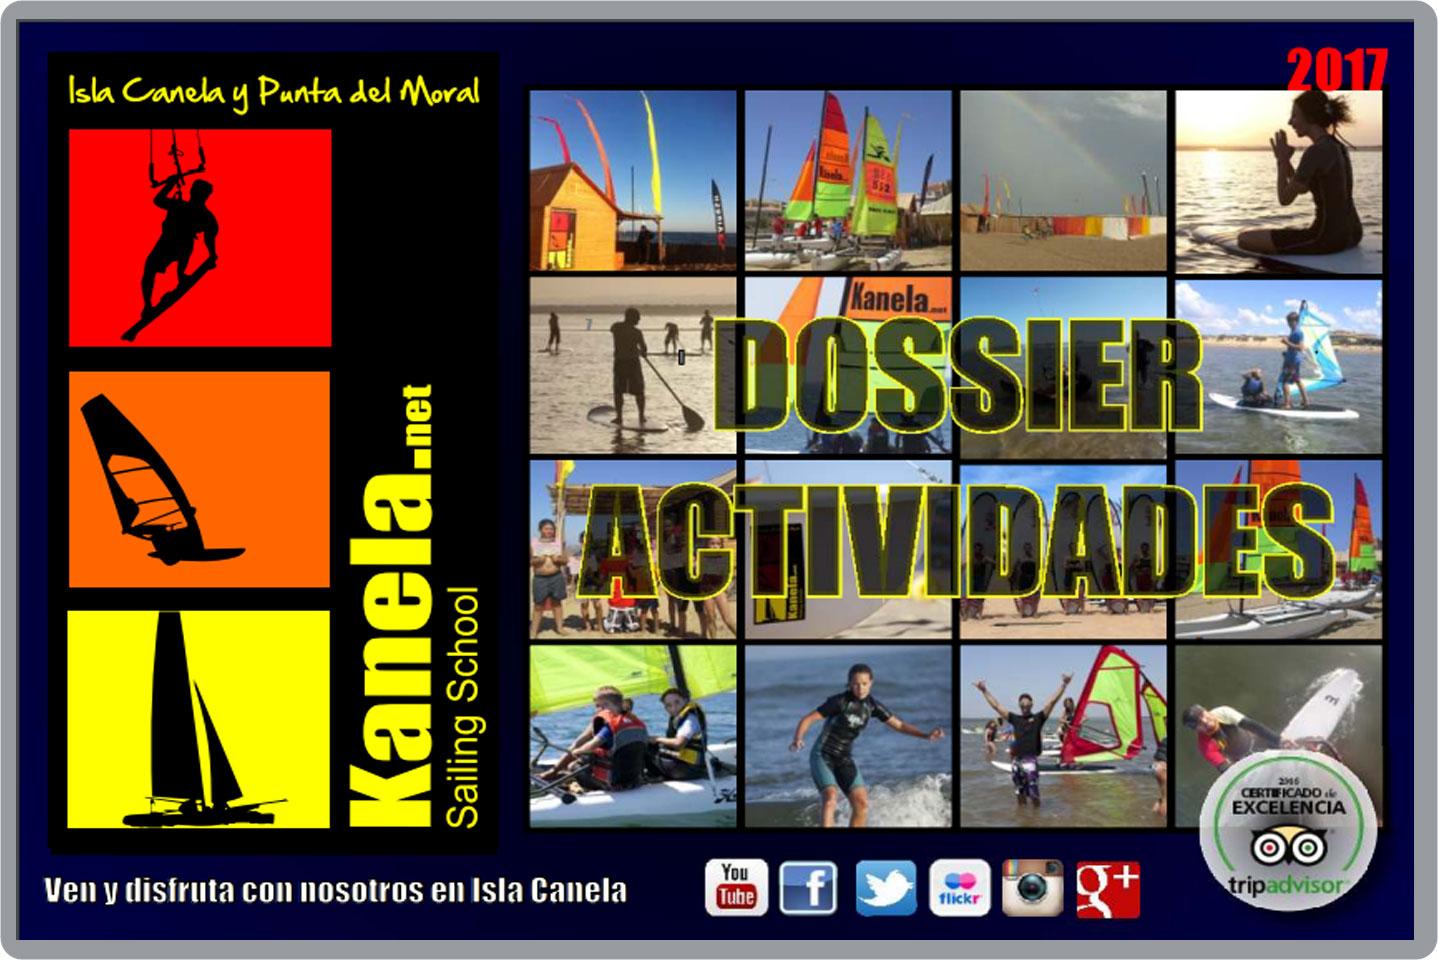 Dossier of activities